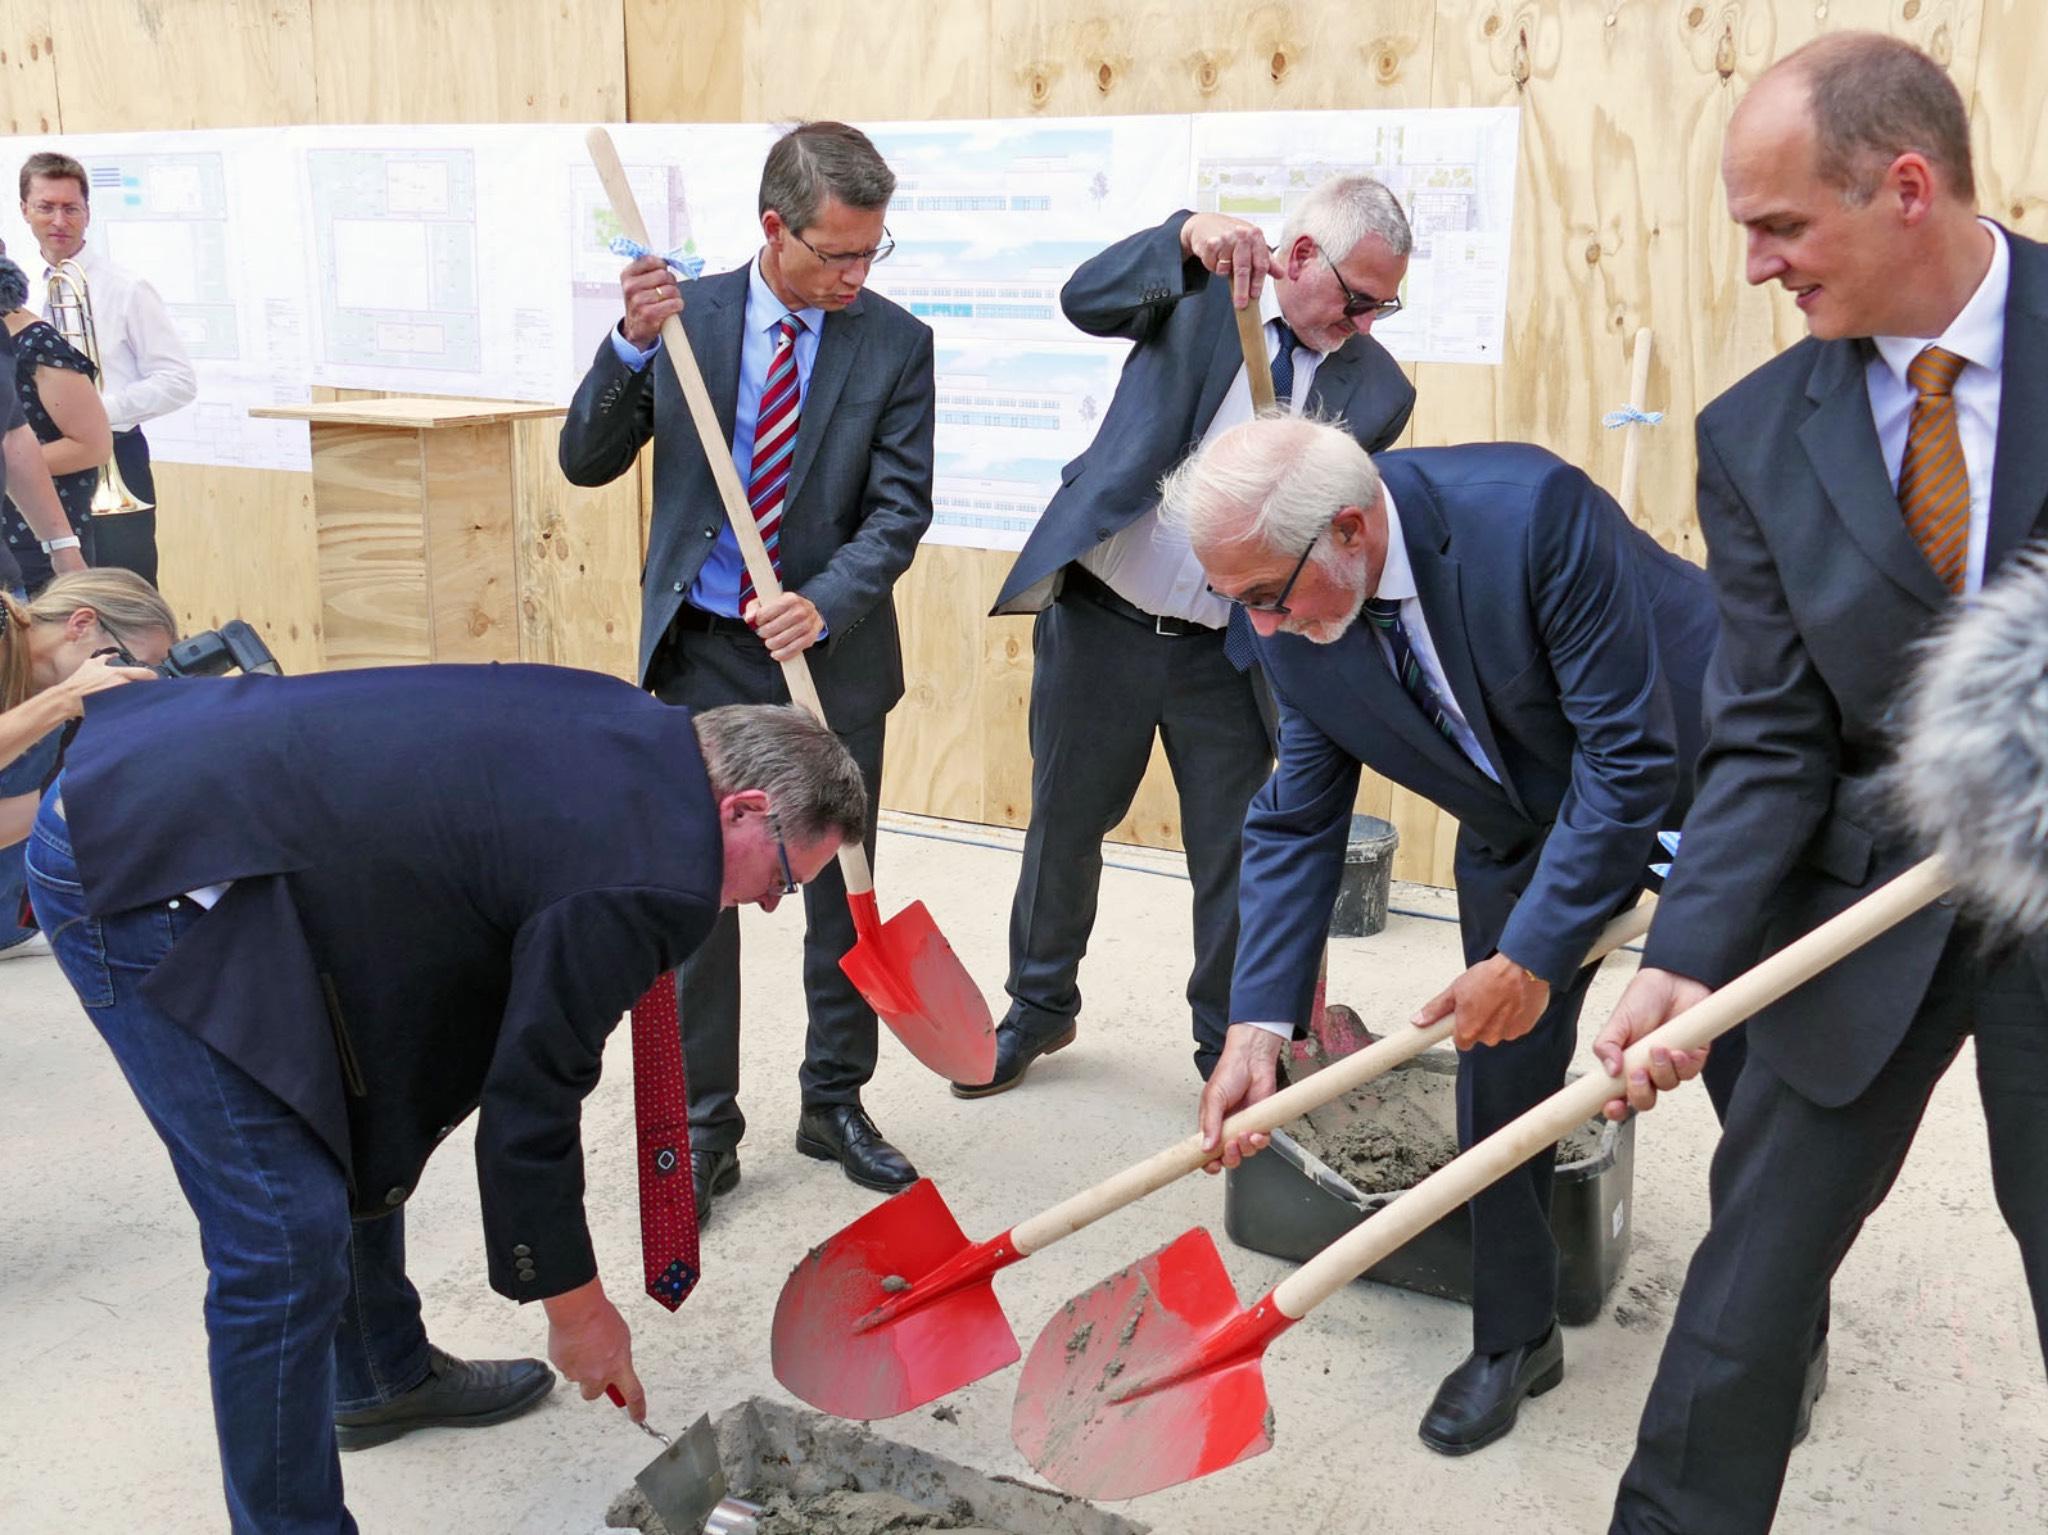 Grundsteinlegung des Neubaus der Fakultät Wirtschaftsingenieurwesen der FHWS. Foto: FHWS Würzburg-Schweinfurt